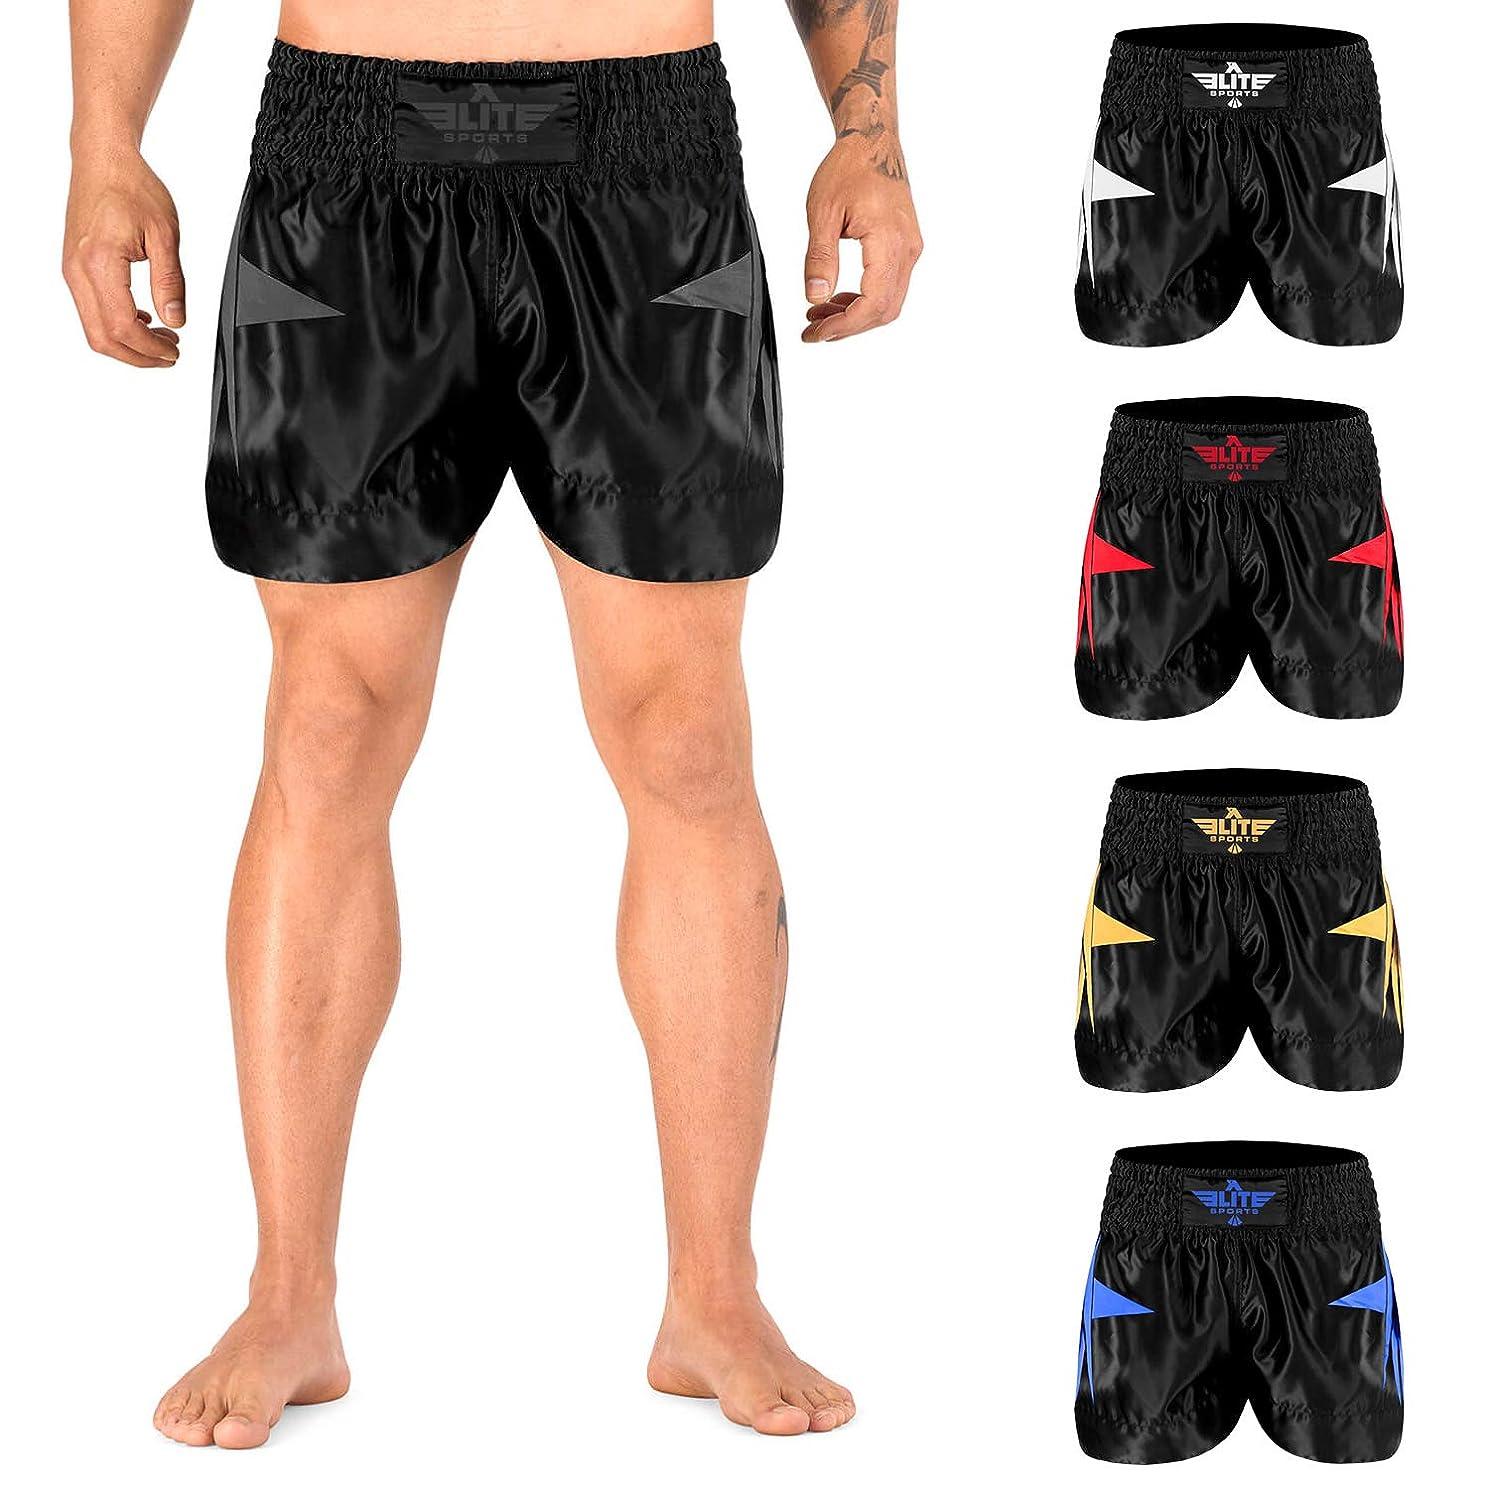 Elite Sports Men's Advanced Muay Thai Shorts